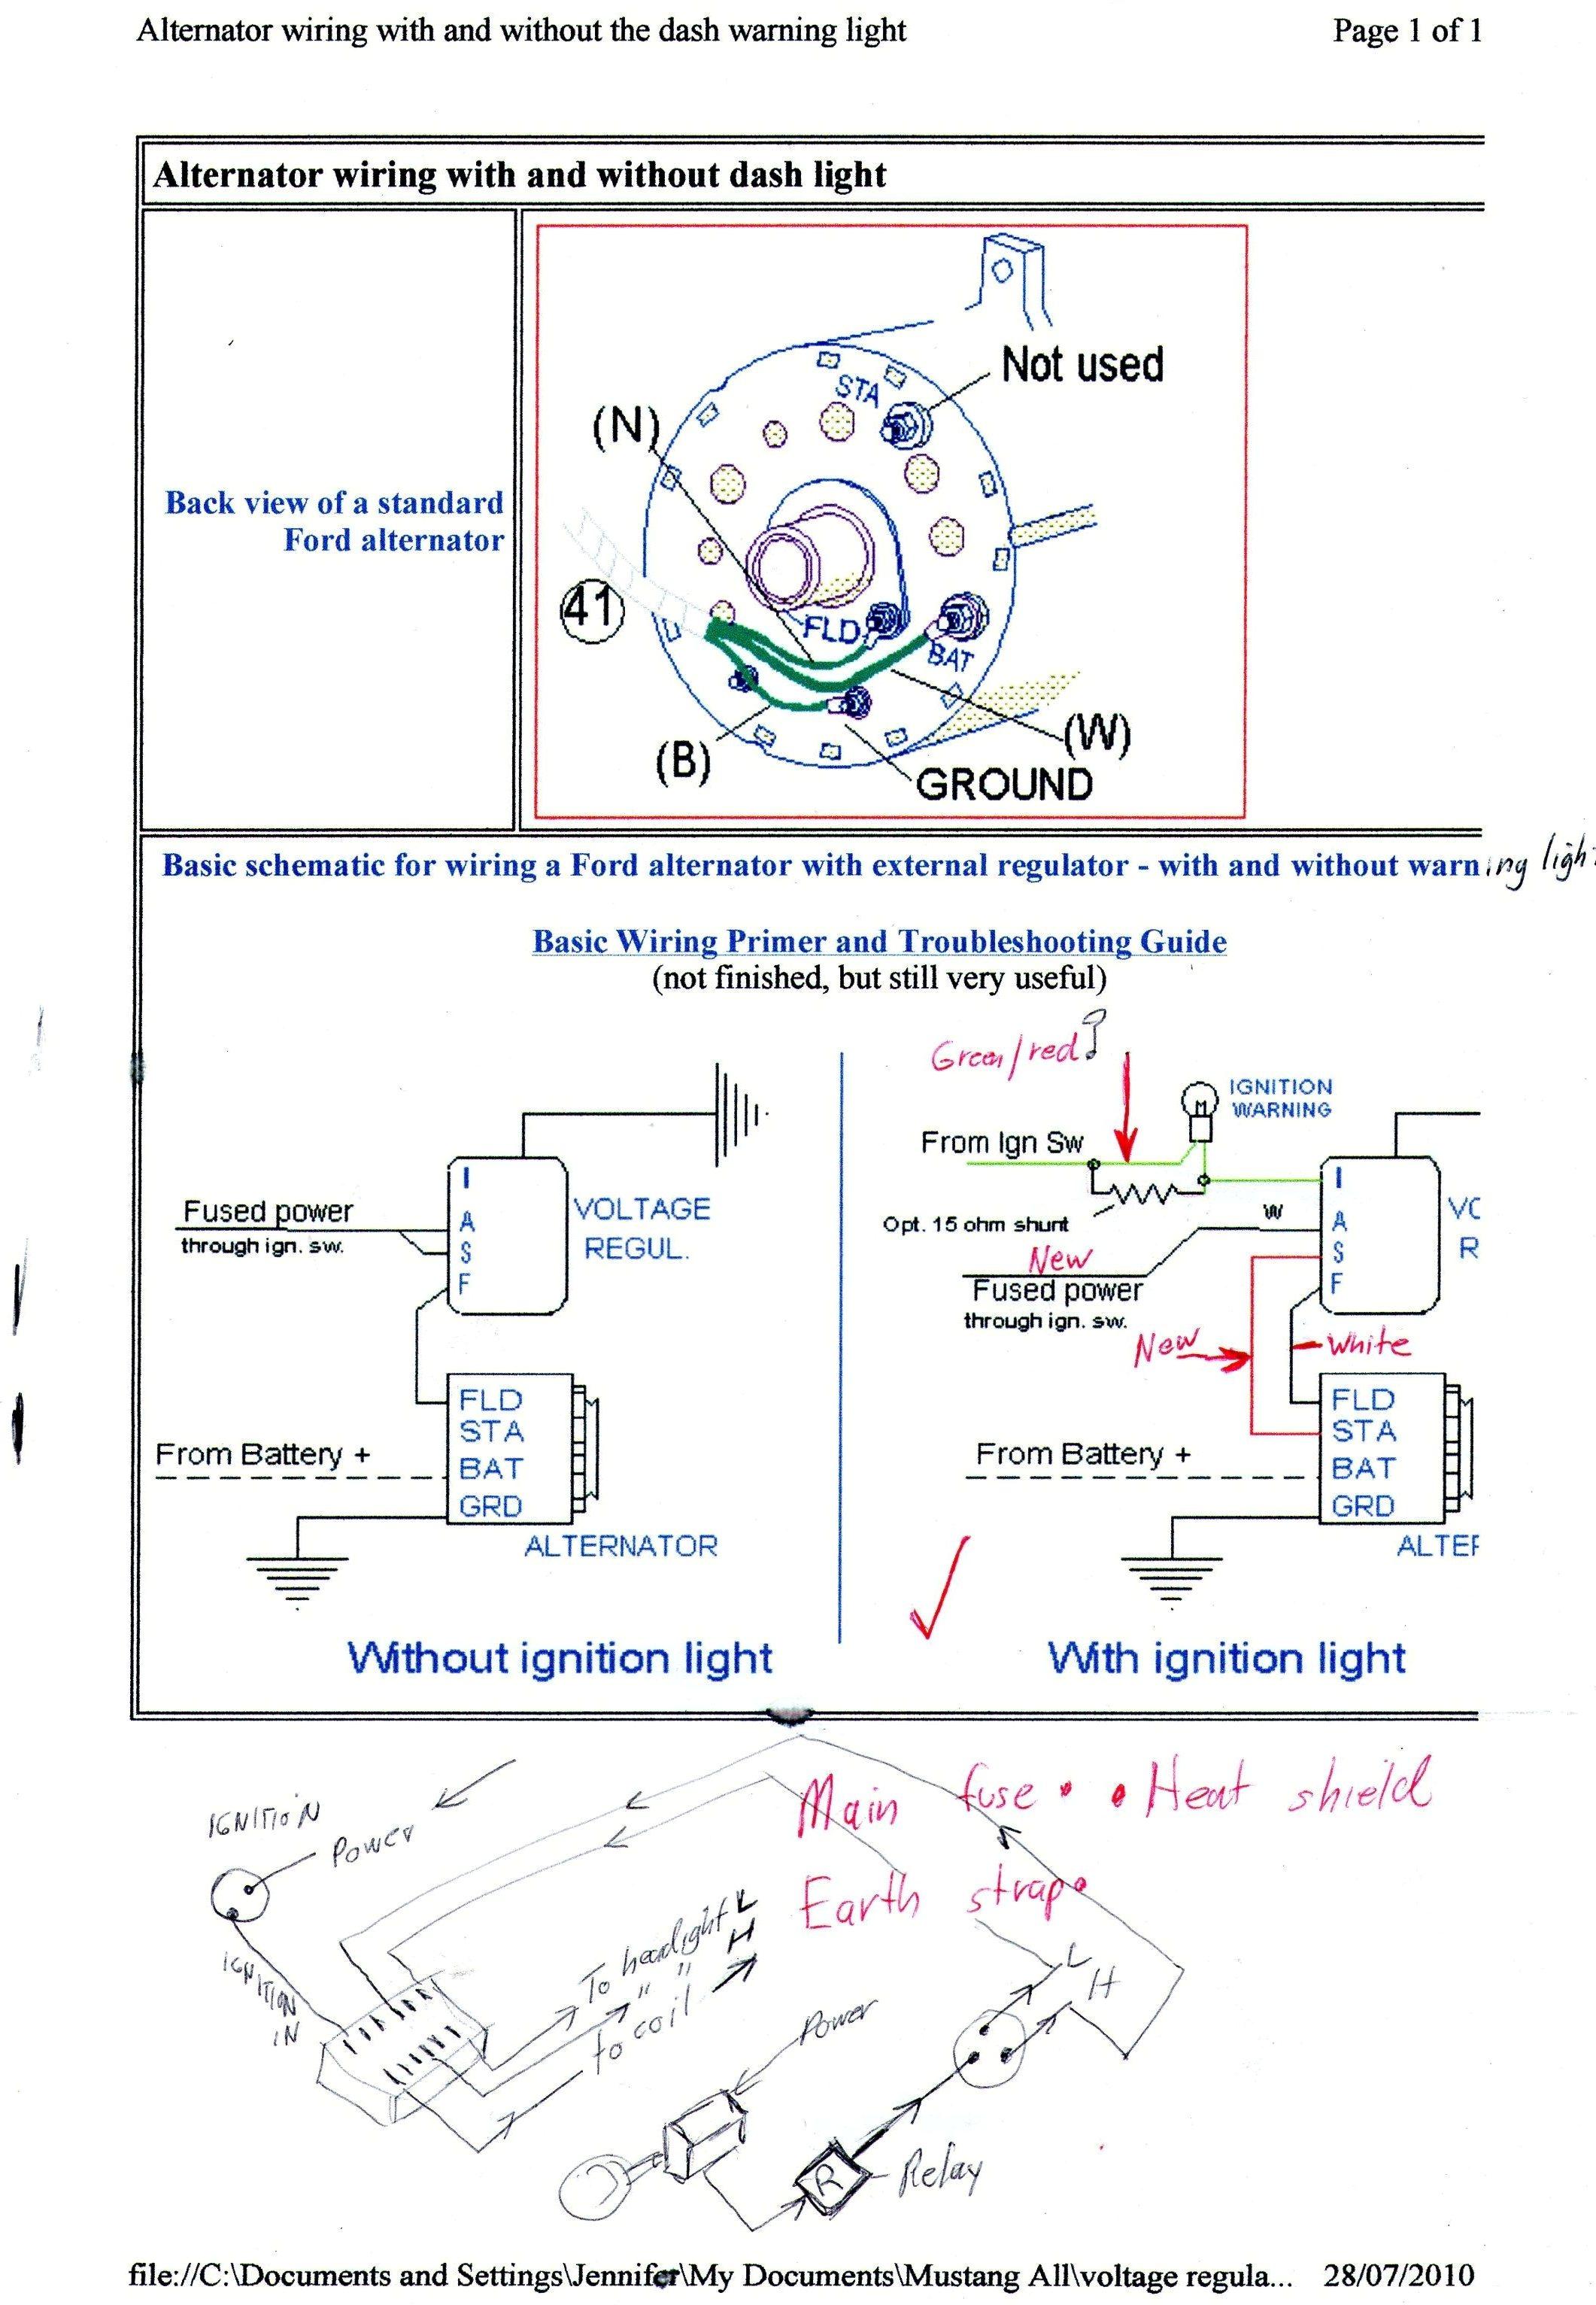 alternator warning light wiring diagram alternator warning light for 67 mustang hot rod forum  alternator warning light for 67 mustang